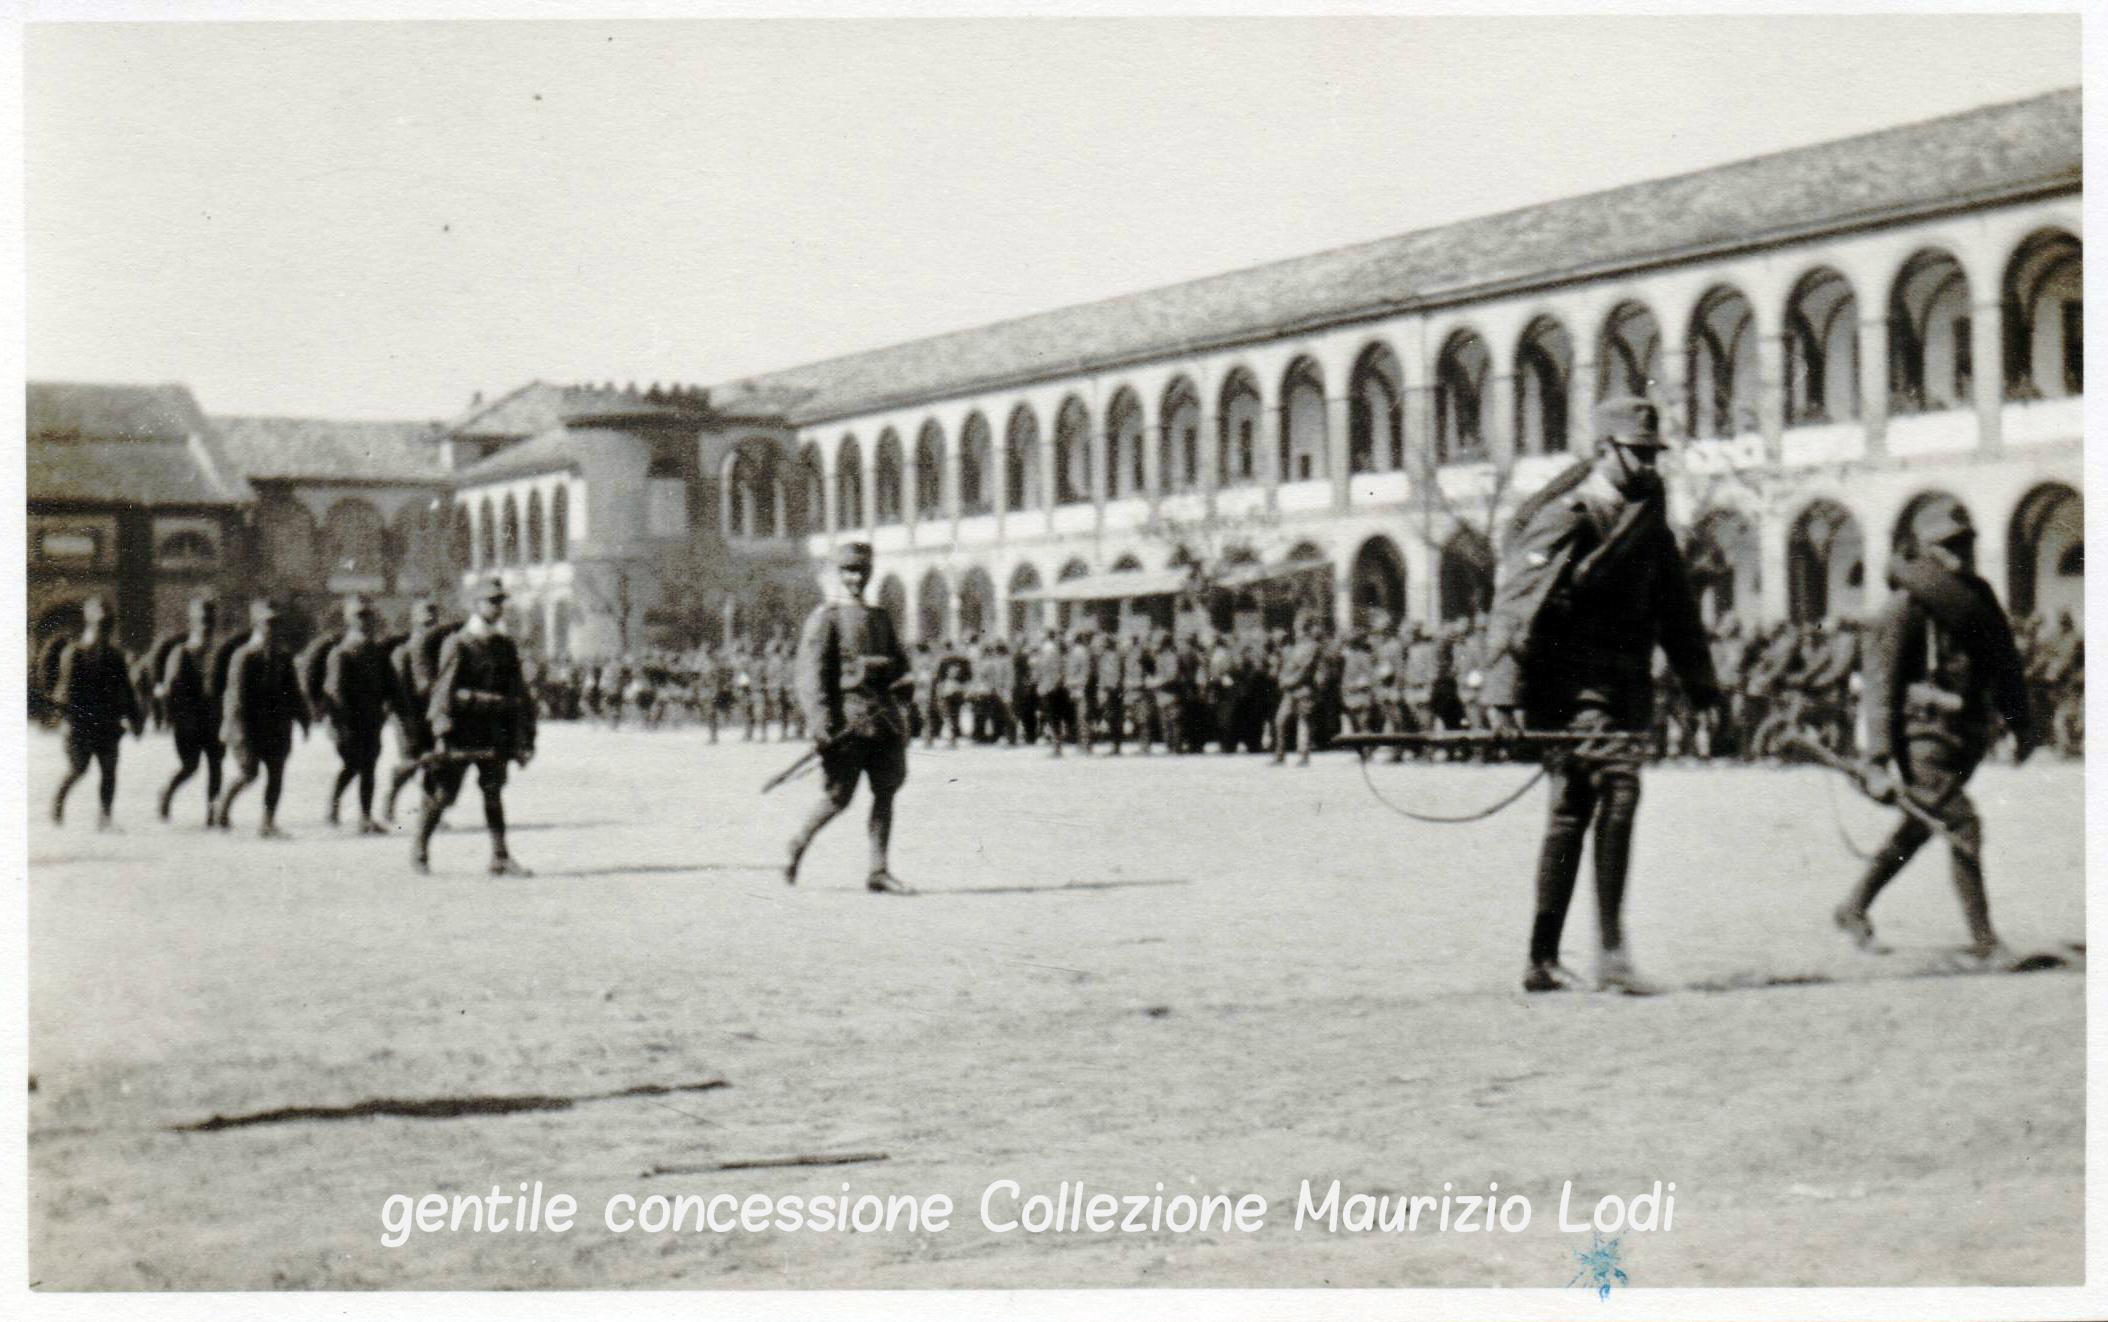 Sopra e a sinistra: rarissime foto del Conte di Salemi Umberto di Savoia presso la Caserma Guida Cavalleggeri di Voghera 1916; perì sul Grappa nel 1918 a seguito dell'epidemia di influenza spagnola